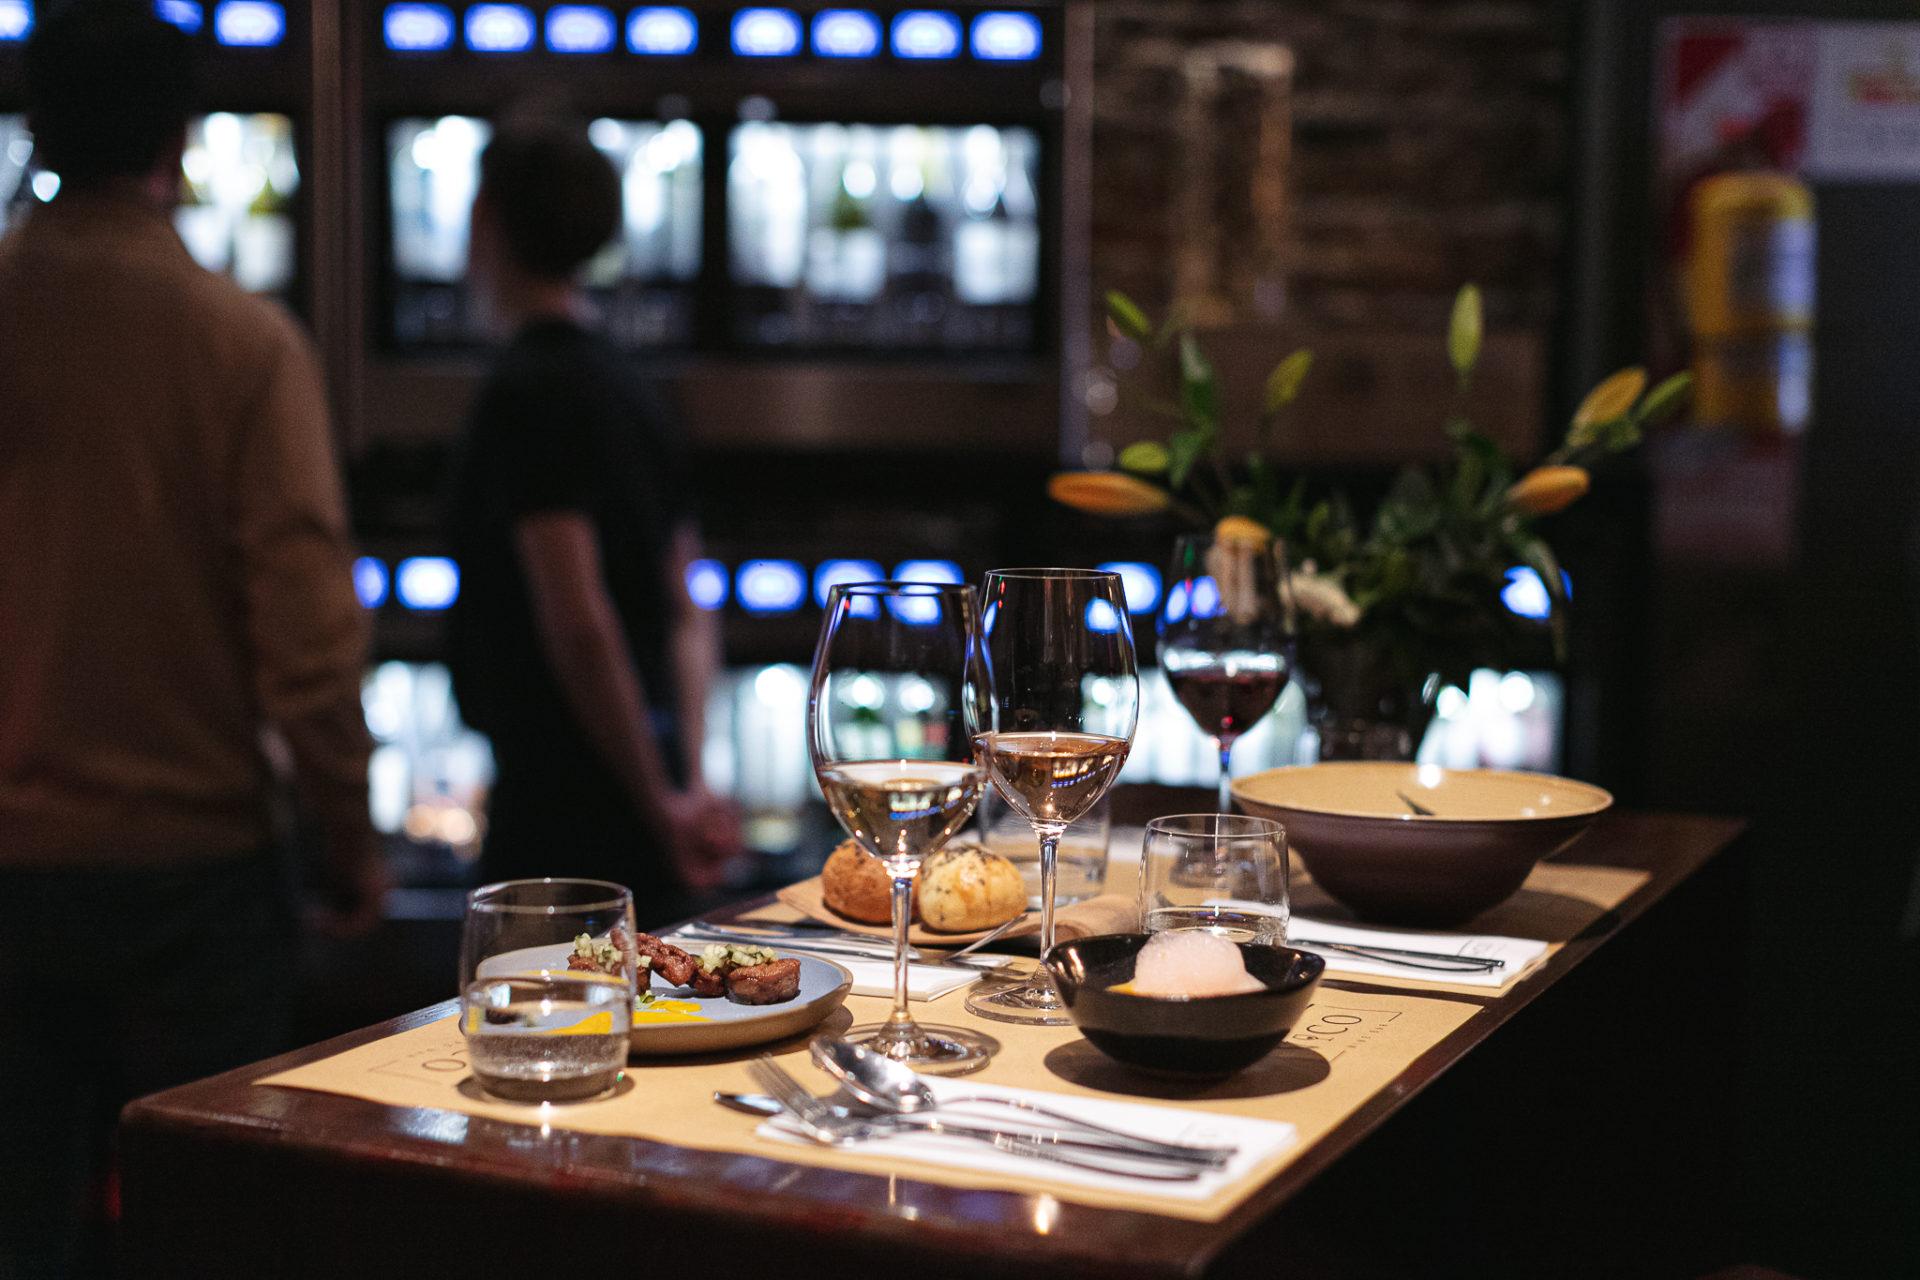 Bar de vinos con comida gastronomía gourmet